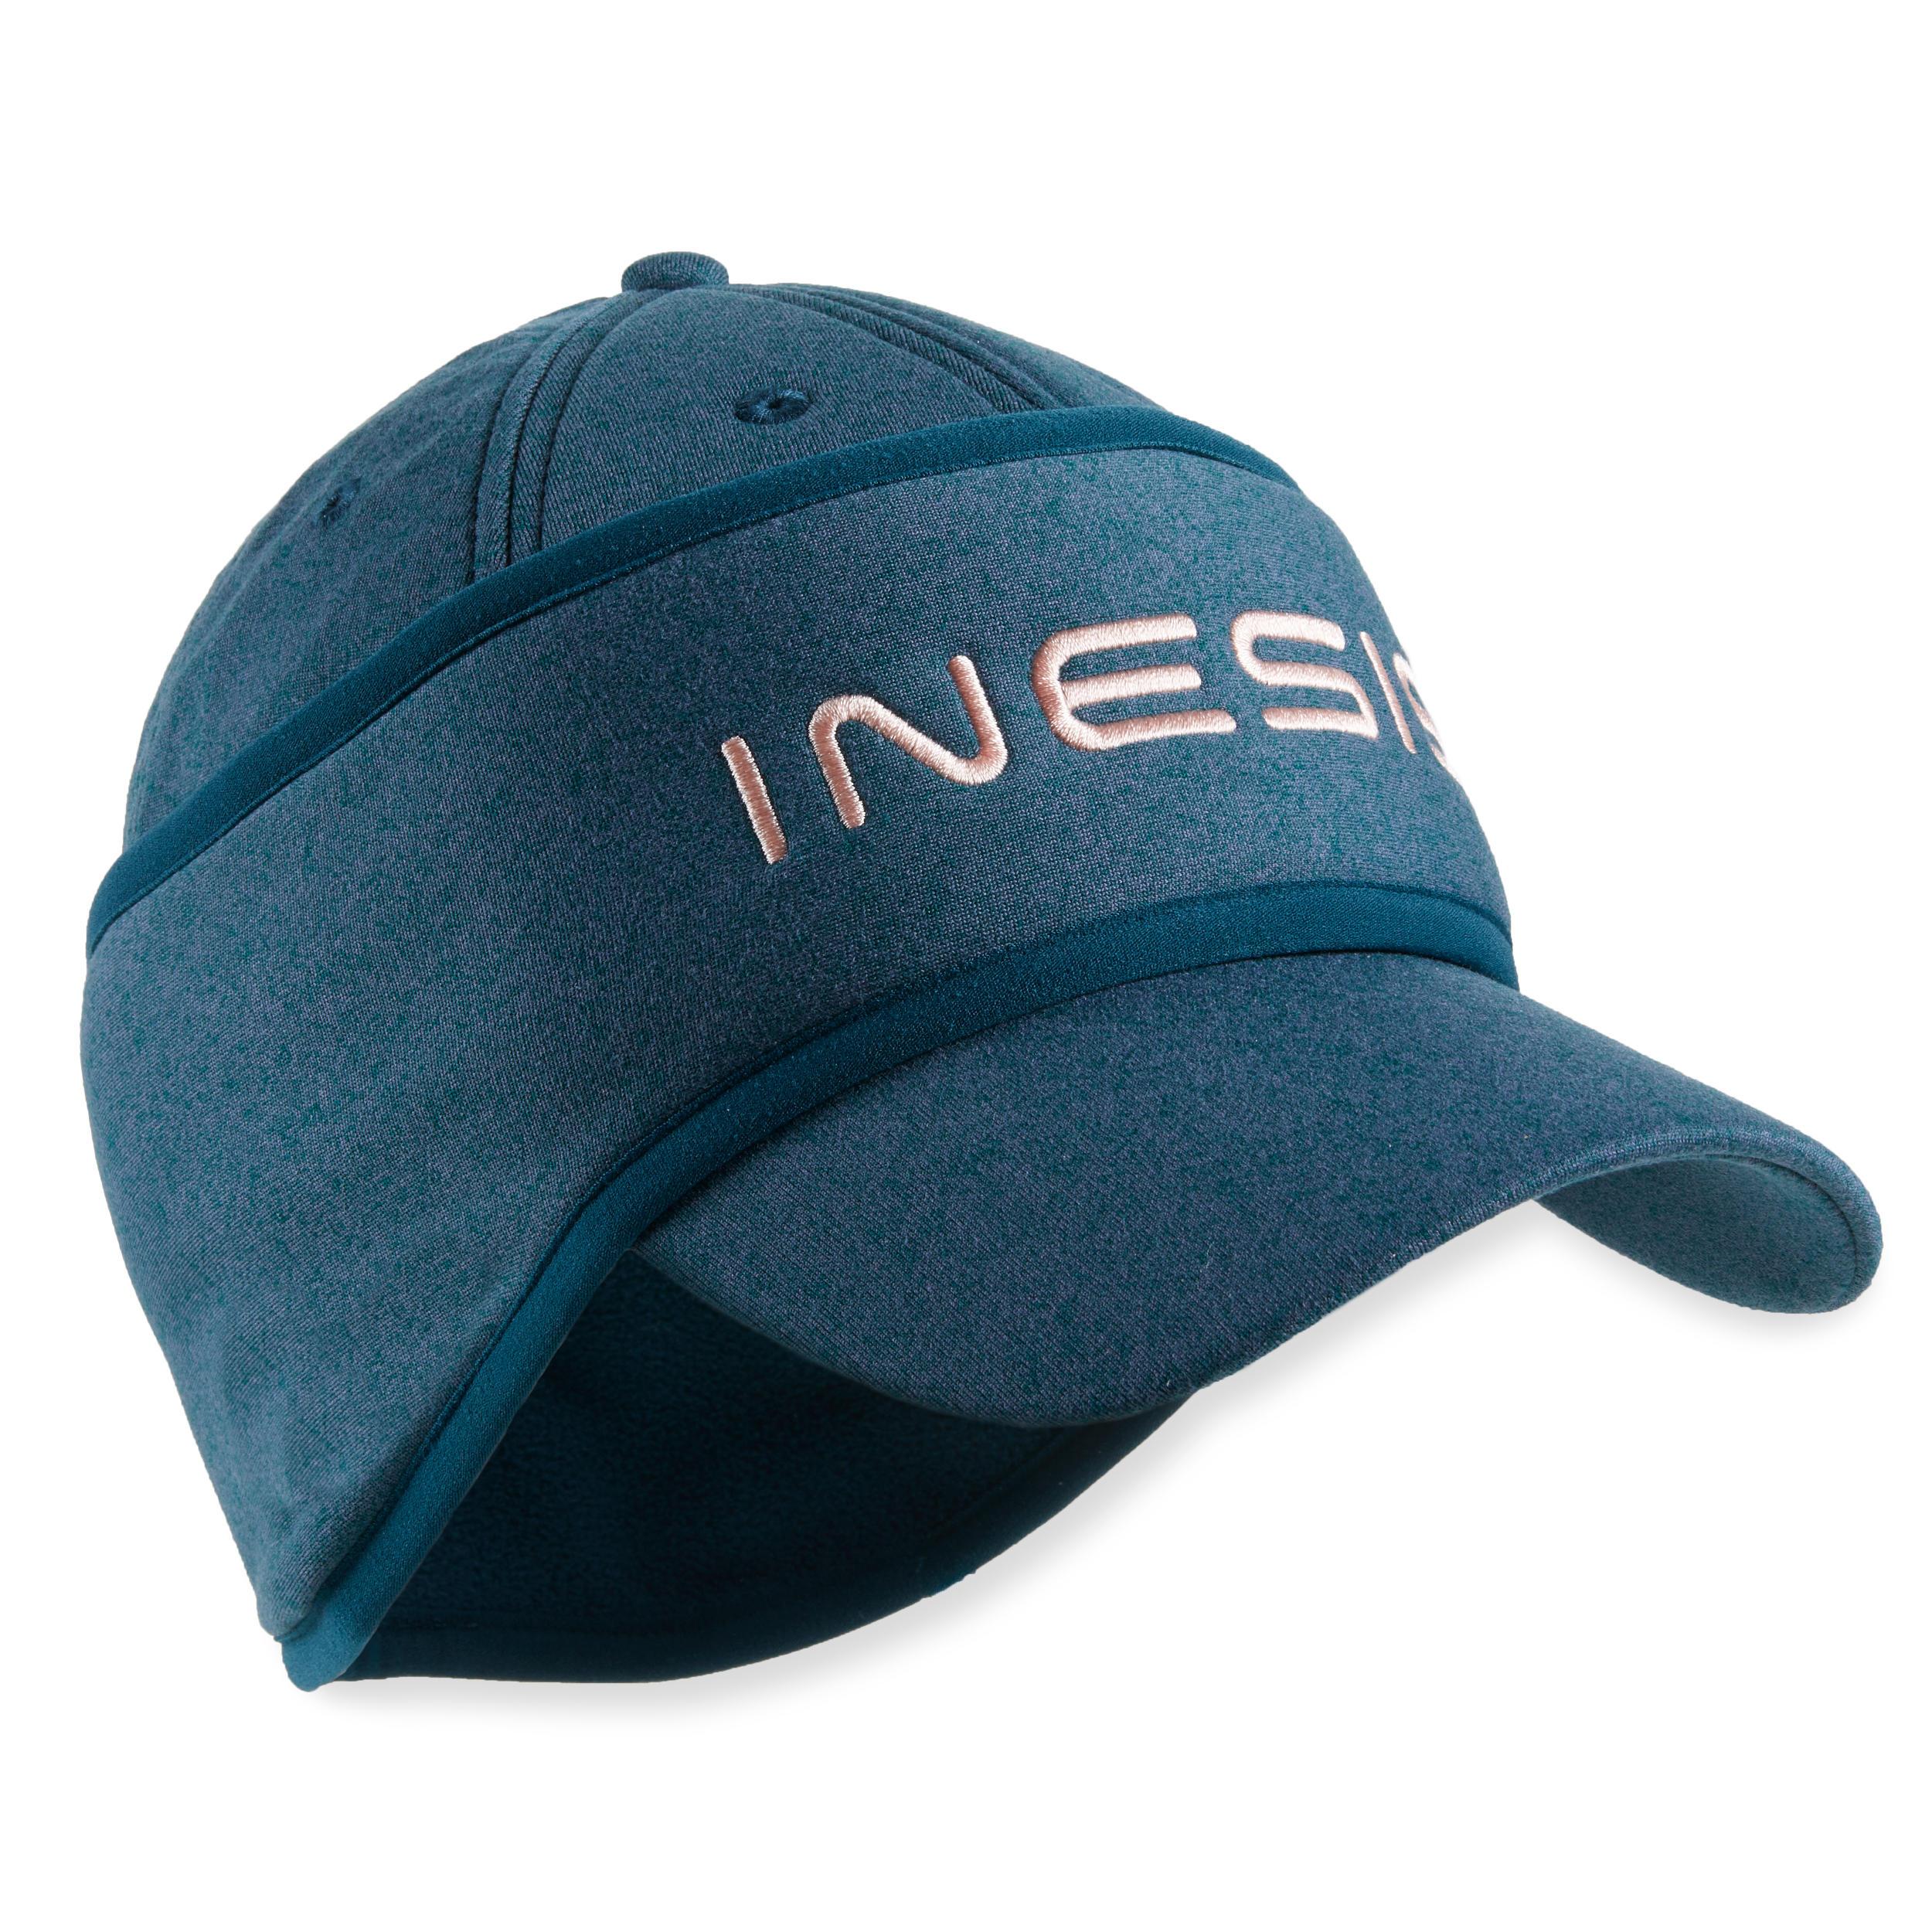 Golf Cap Stirnband warm Damen | Accessoires > Mützen > Stirnbänder | Inesis